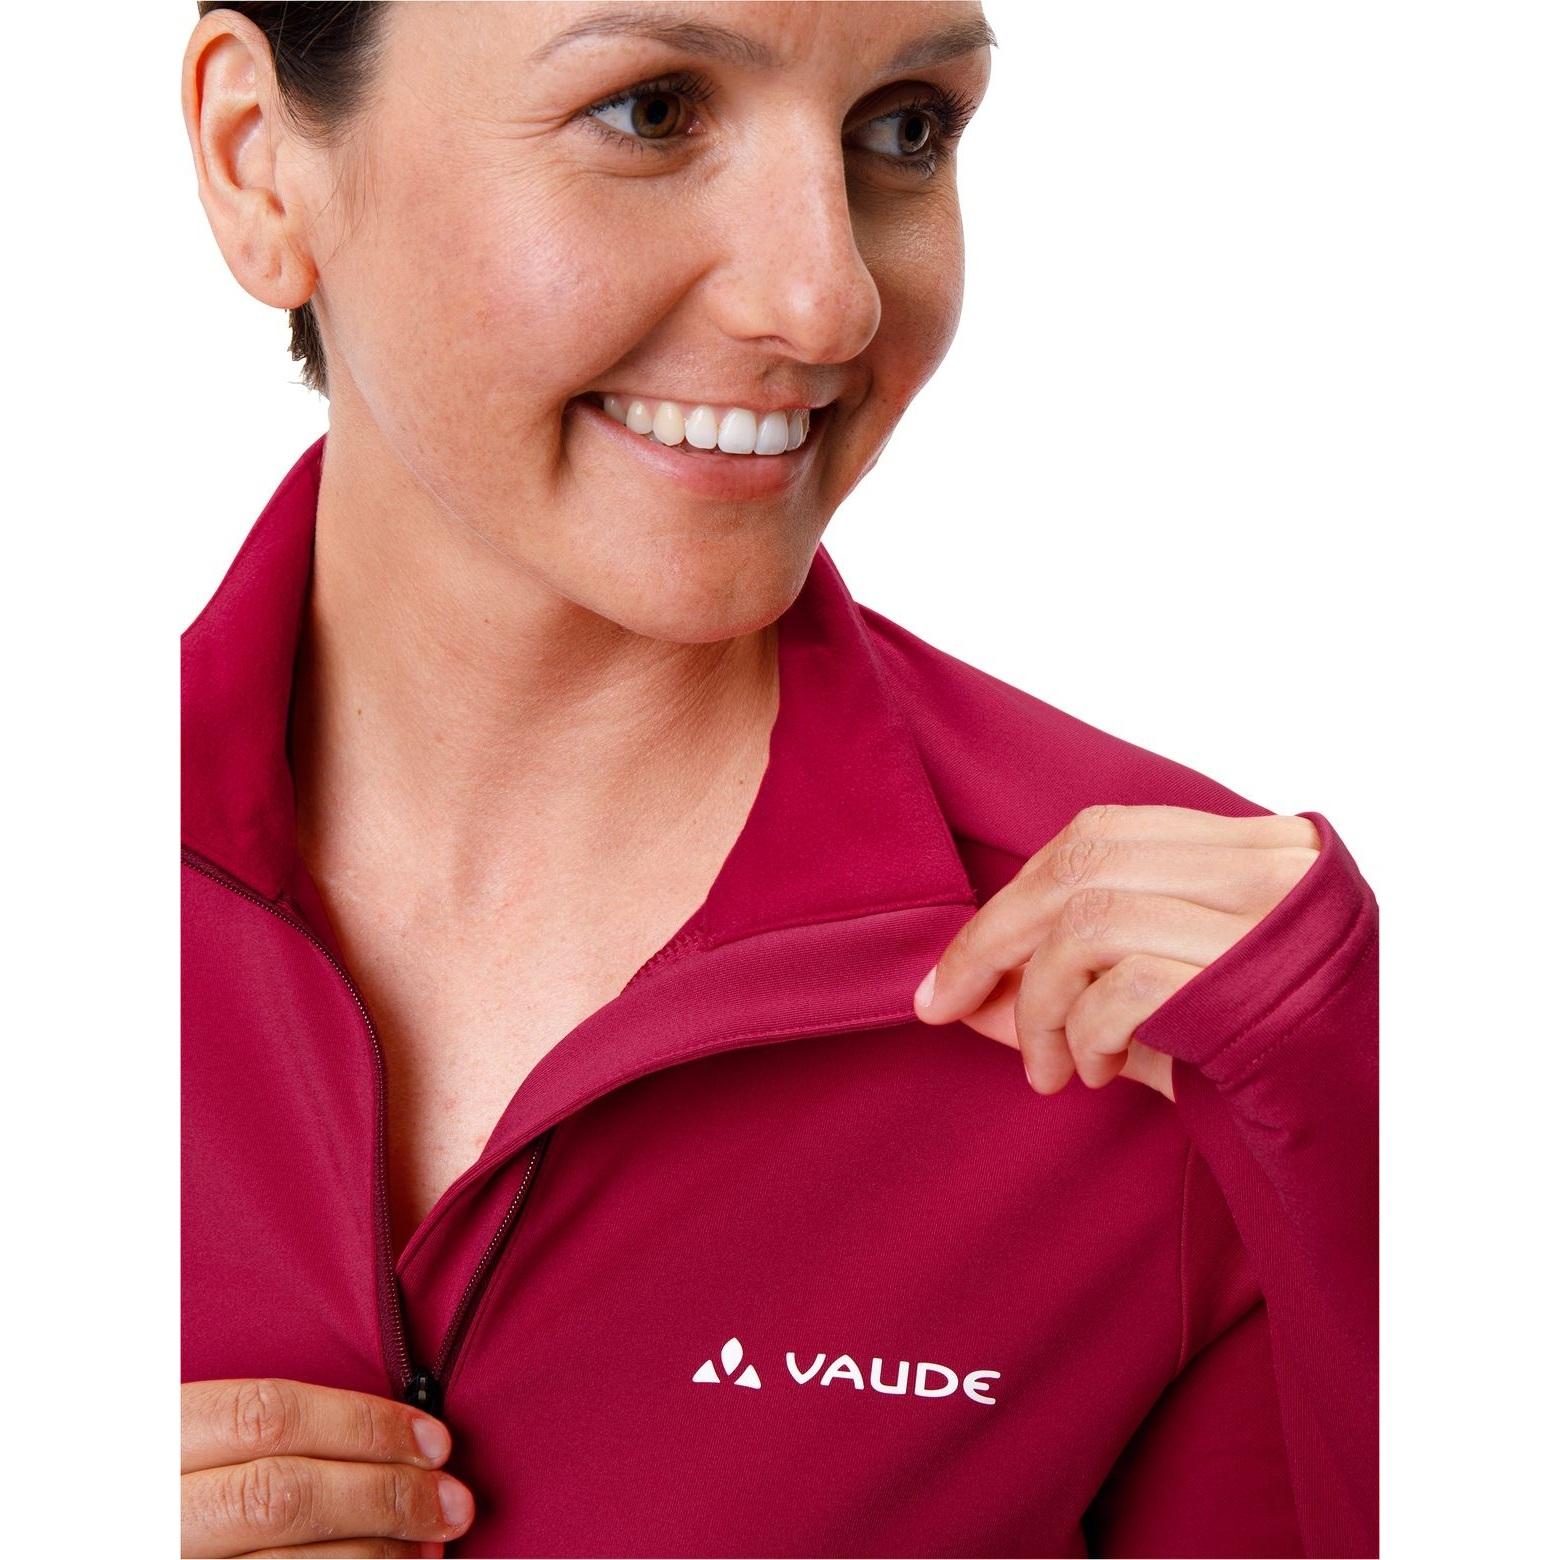 Bild von Vaude Livigno Halfzip II Damen Shirt - crimson red